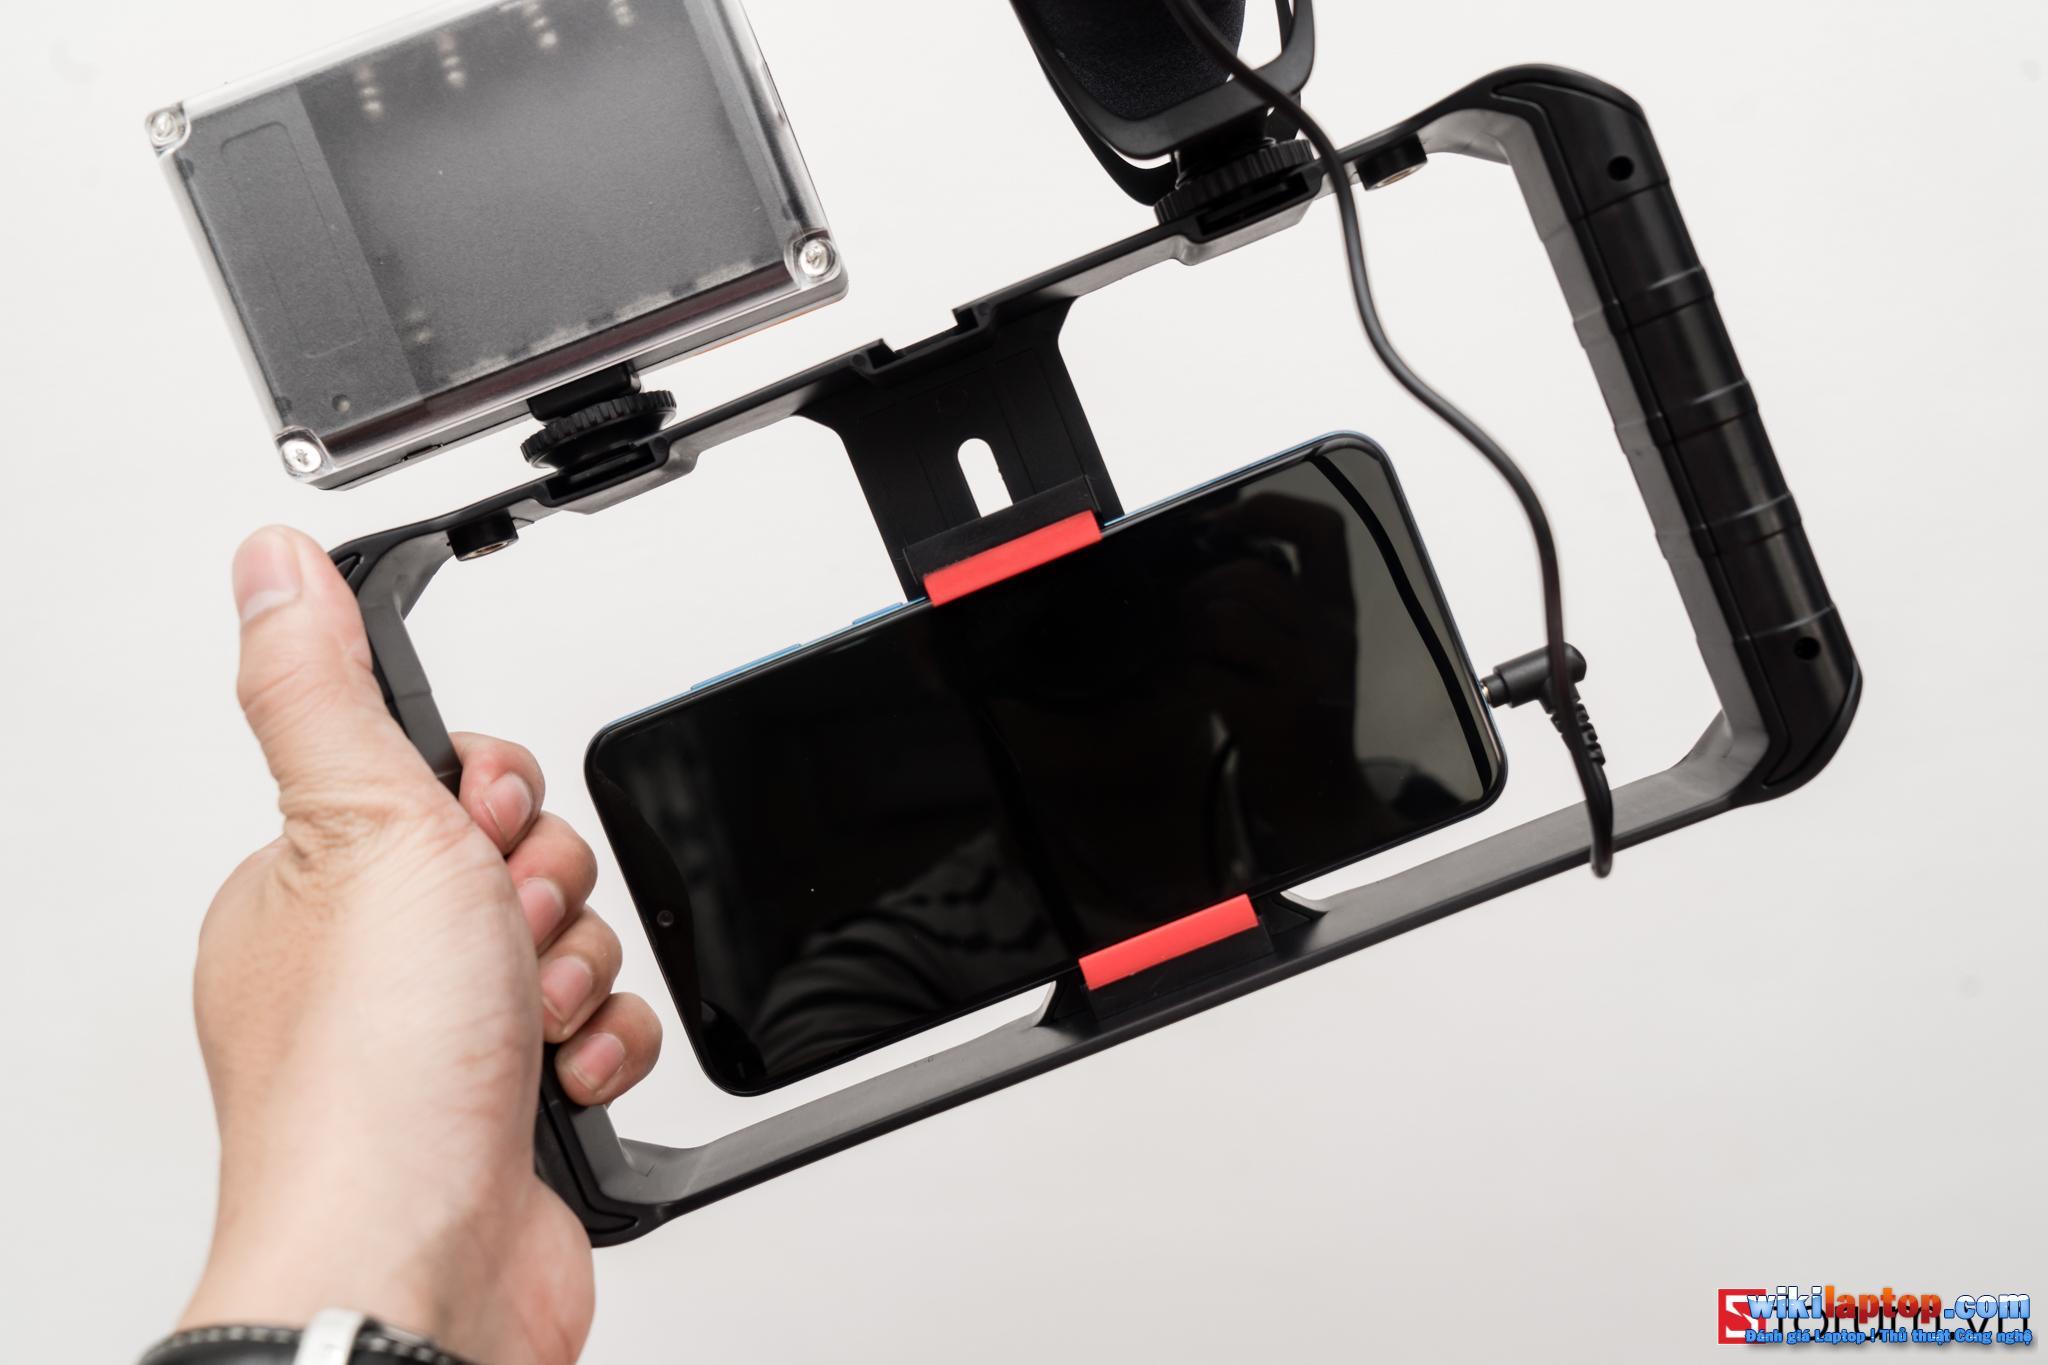 Sforum - Trang thông tin công nghệ mới nhất CPS-Combo-Quay Phim-So-2-62 Trải nghiệm Combo 2 Pro: Phim chống rung mà không cần gimbal?